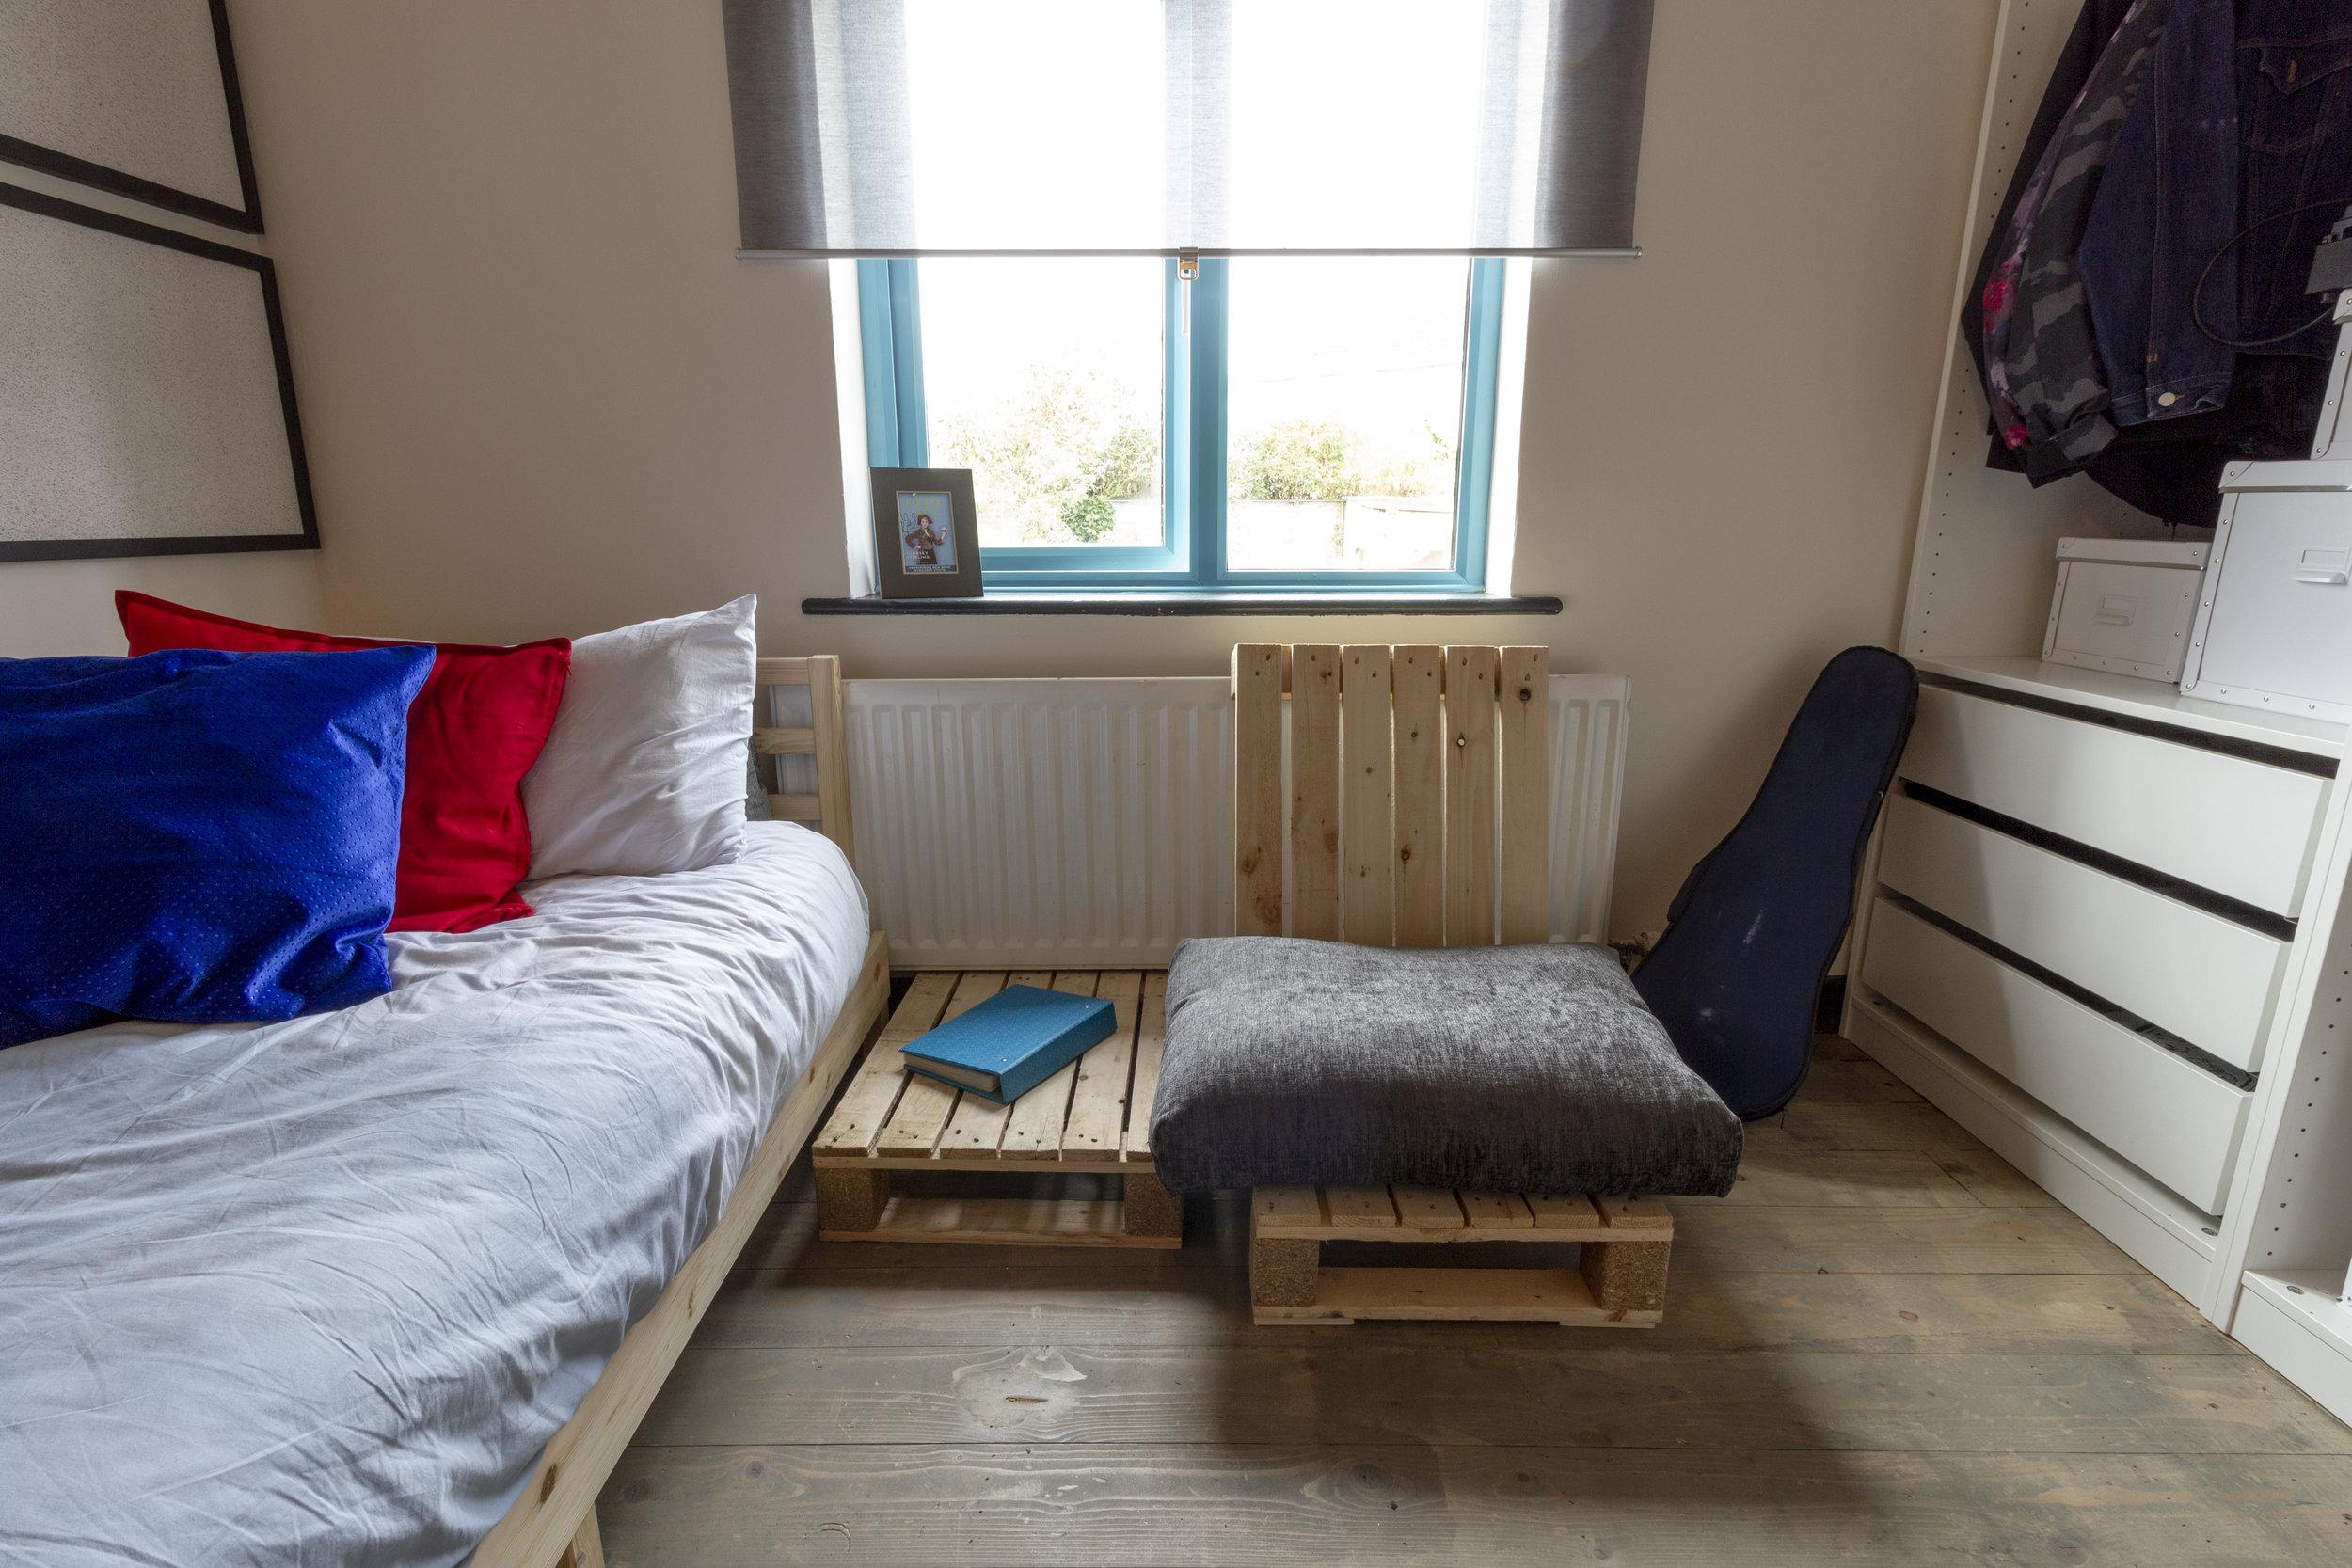 HR - Laytown - After - Bedroom 5.jpg